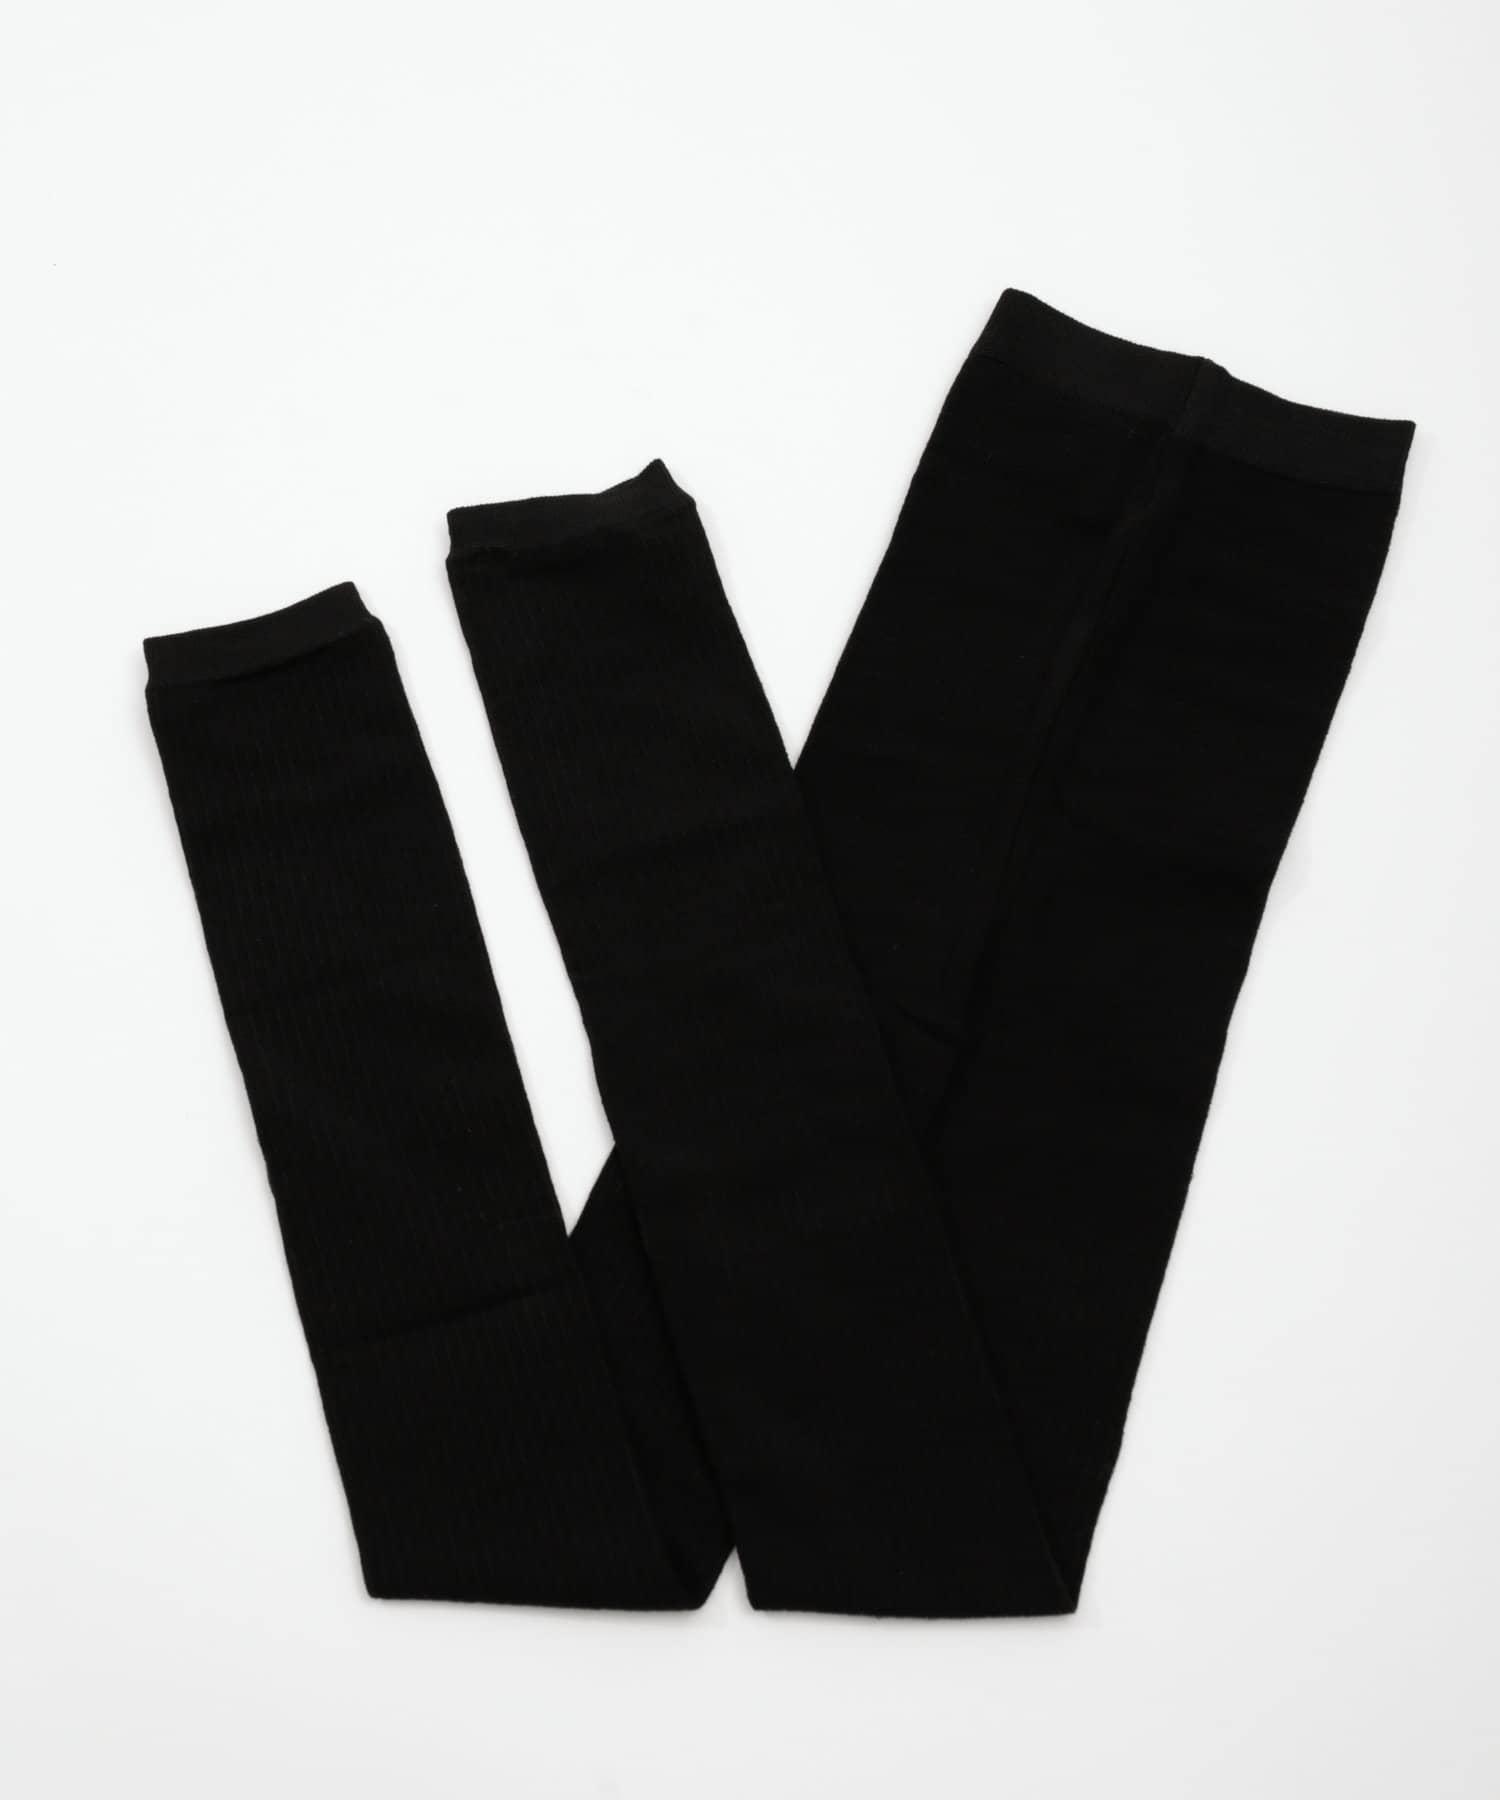 3COINS(スリーコインズ) ライフスタイル 綿混リブレギンスAg+L ブラック